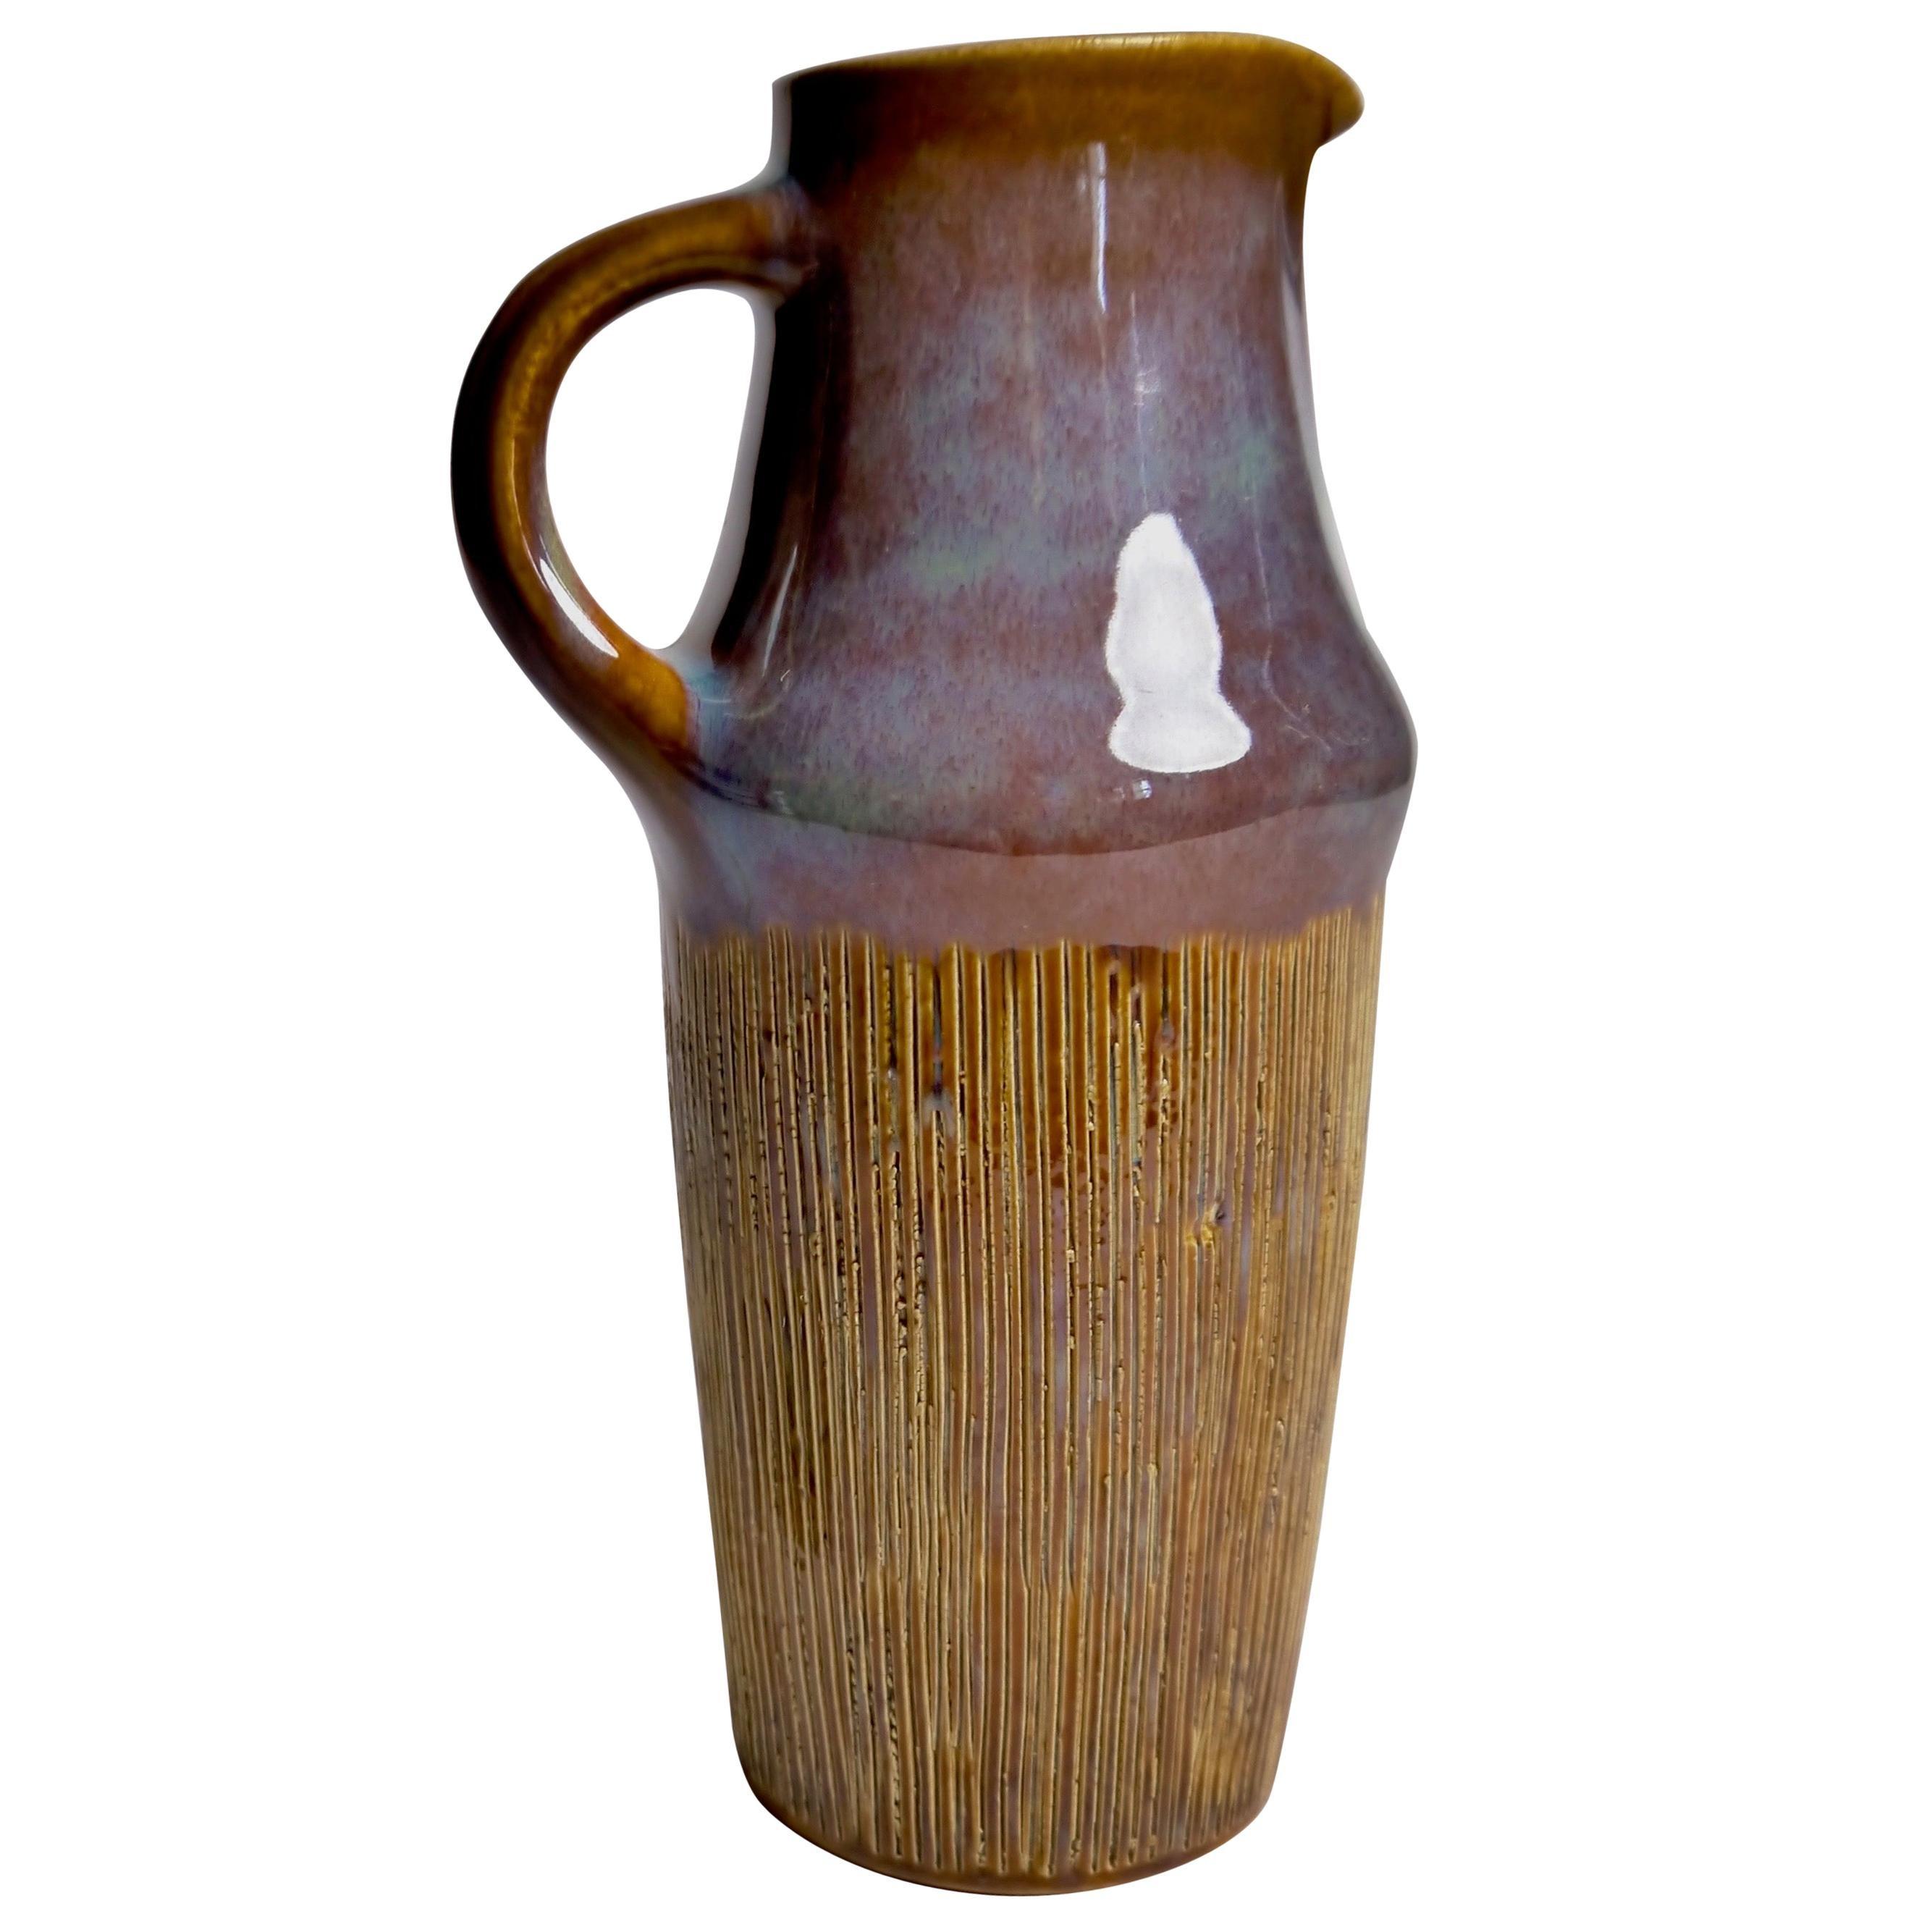 Soholm 1960s Ceramic Vase